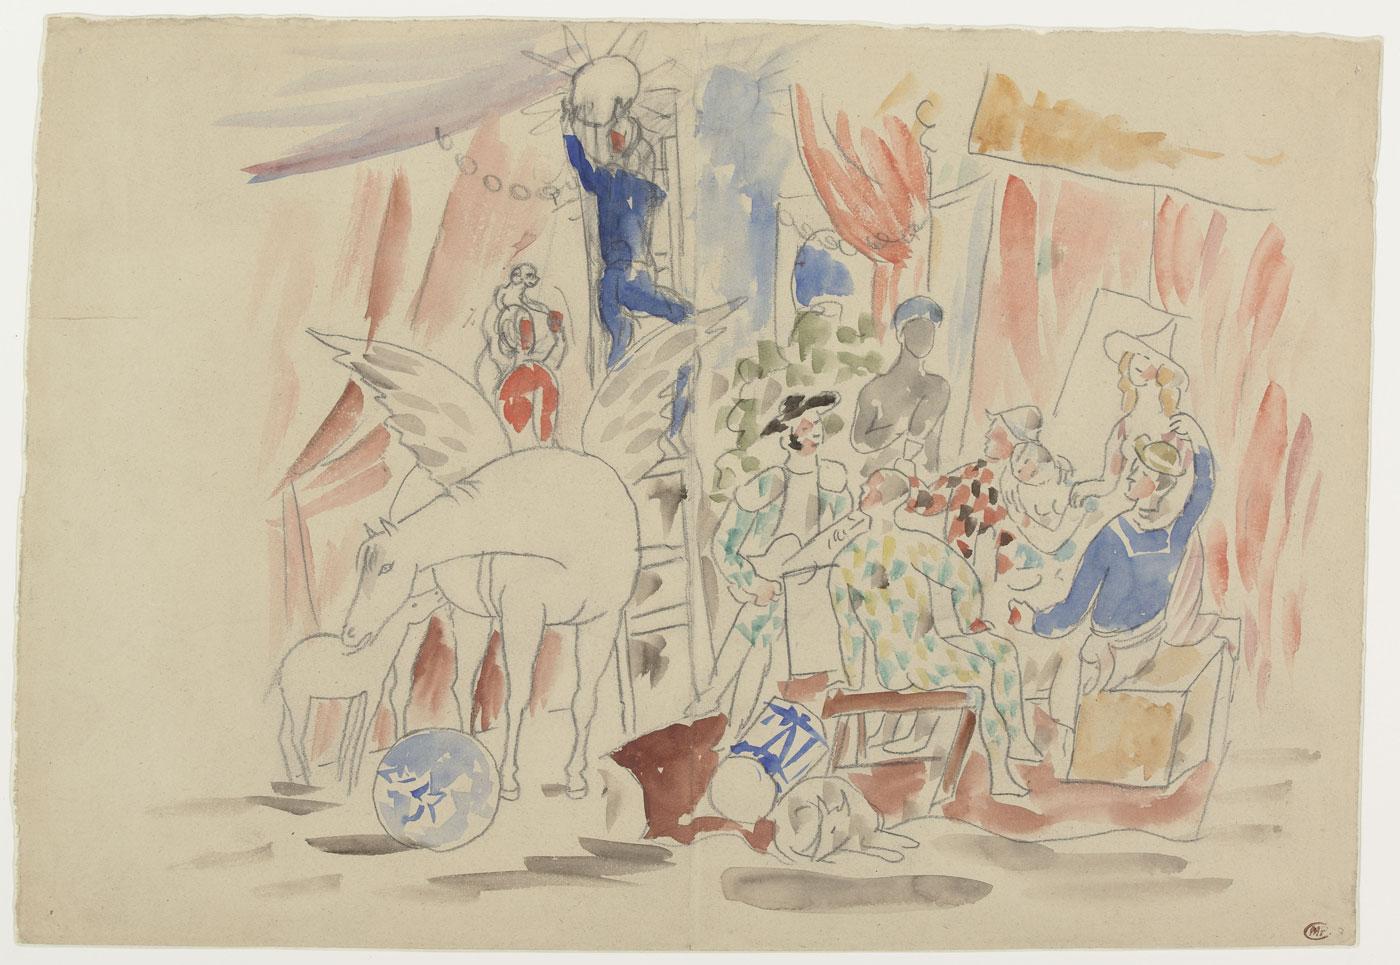 Pablo Picasso, Project pour le rideau de scène du ballet Parade, [1916-1917] Graphite pencil and watercolor on paper | Musée national Picasso-Paris Donation Pablo Picasso, 1979, MP1557 © Succession Picasso 2018